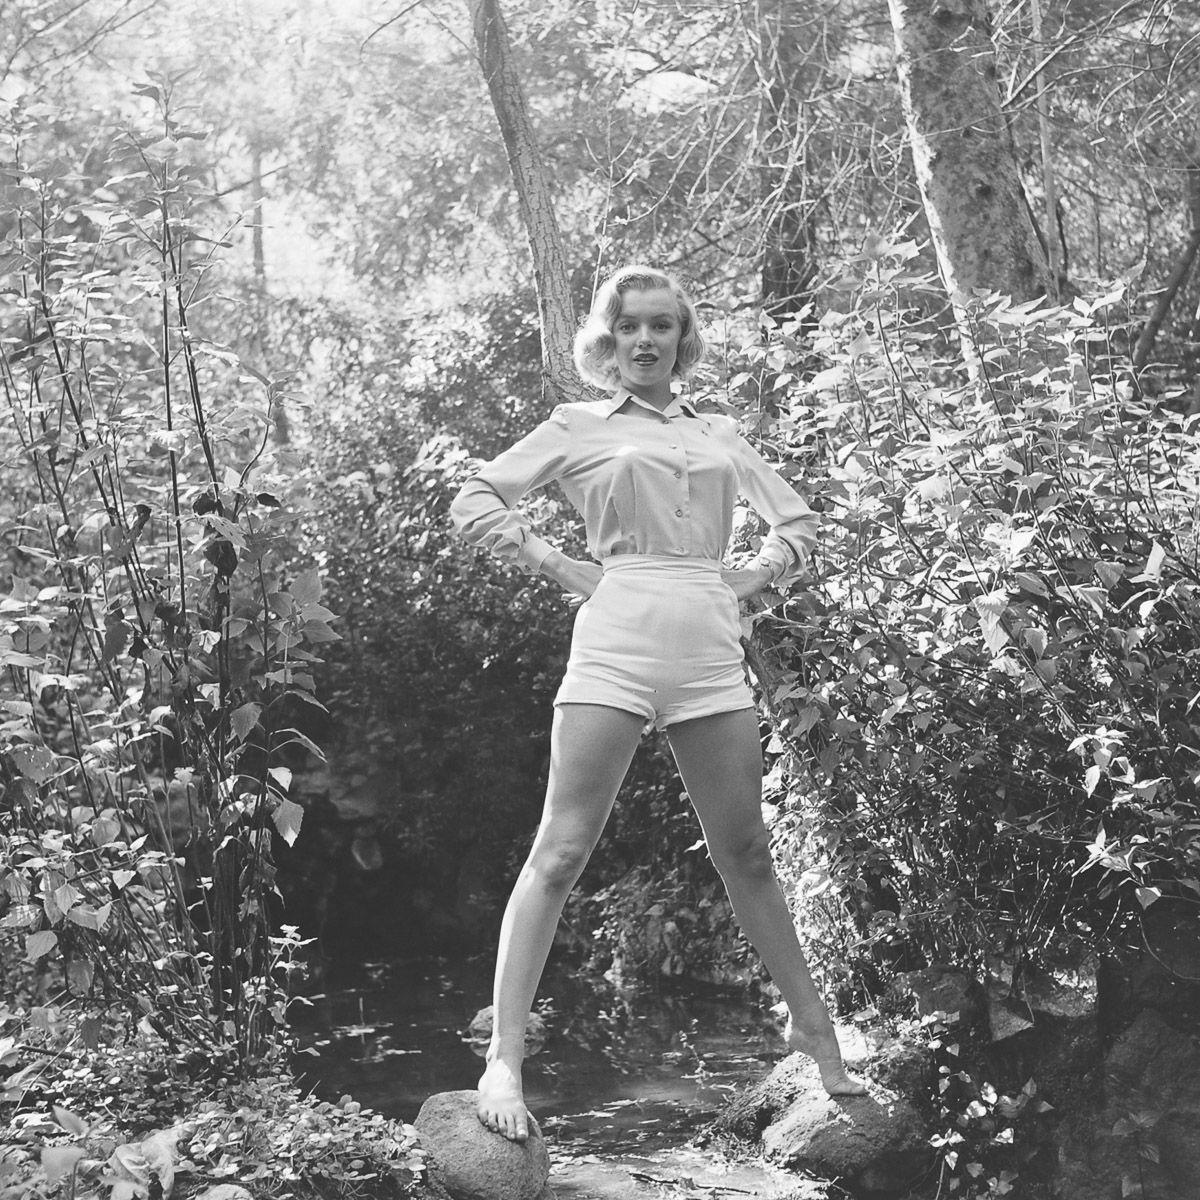 Fotos raras de Marilyn Monroe caminhando no bosque antes de ser famosa 01